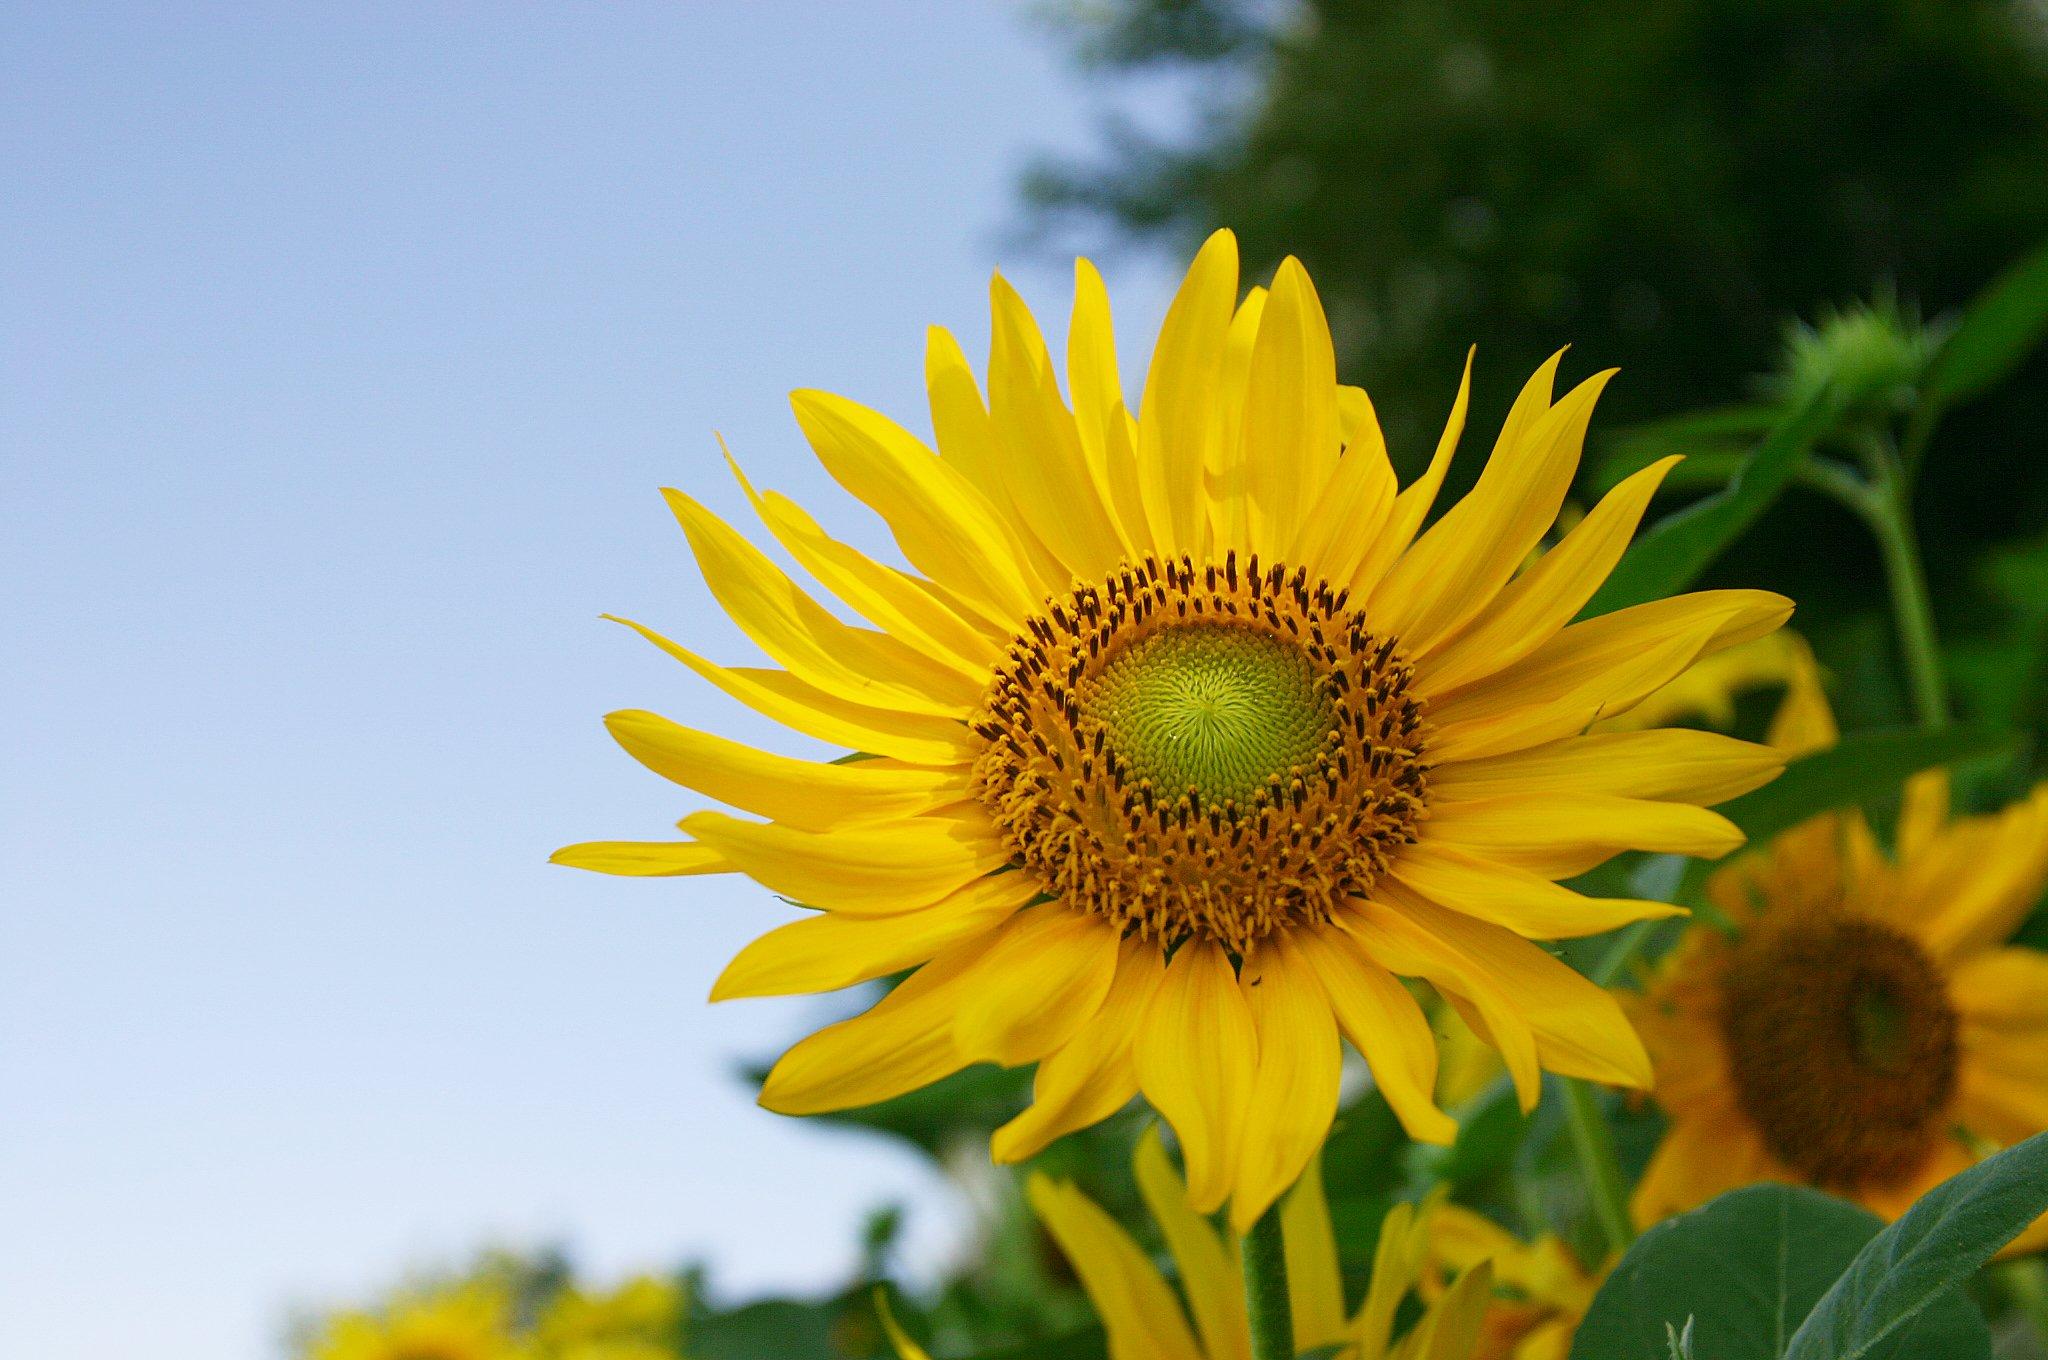 夏に咲くヒマワリの花